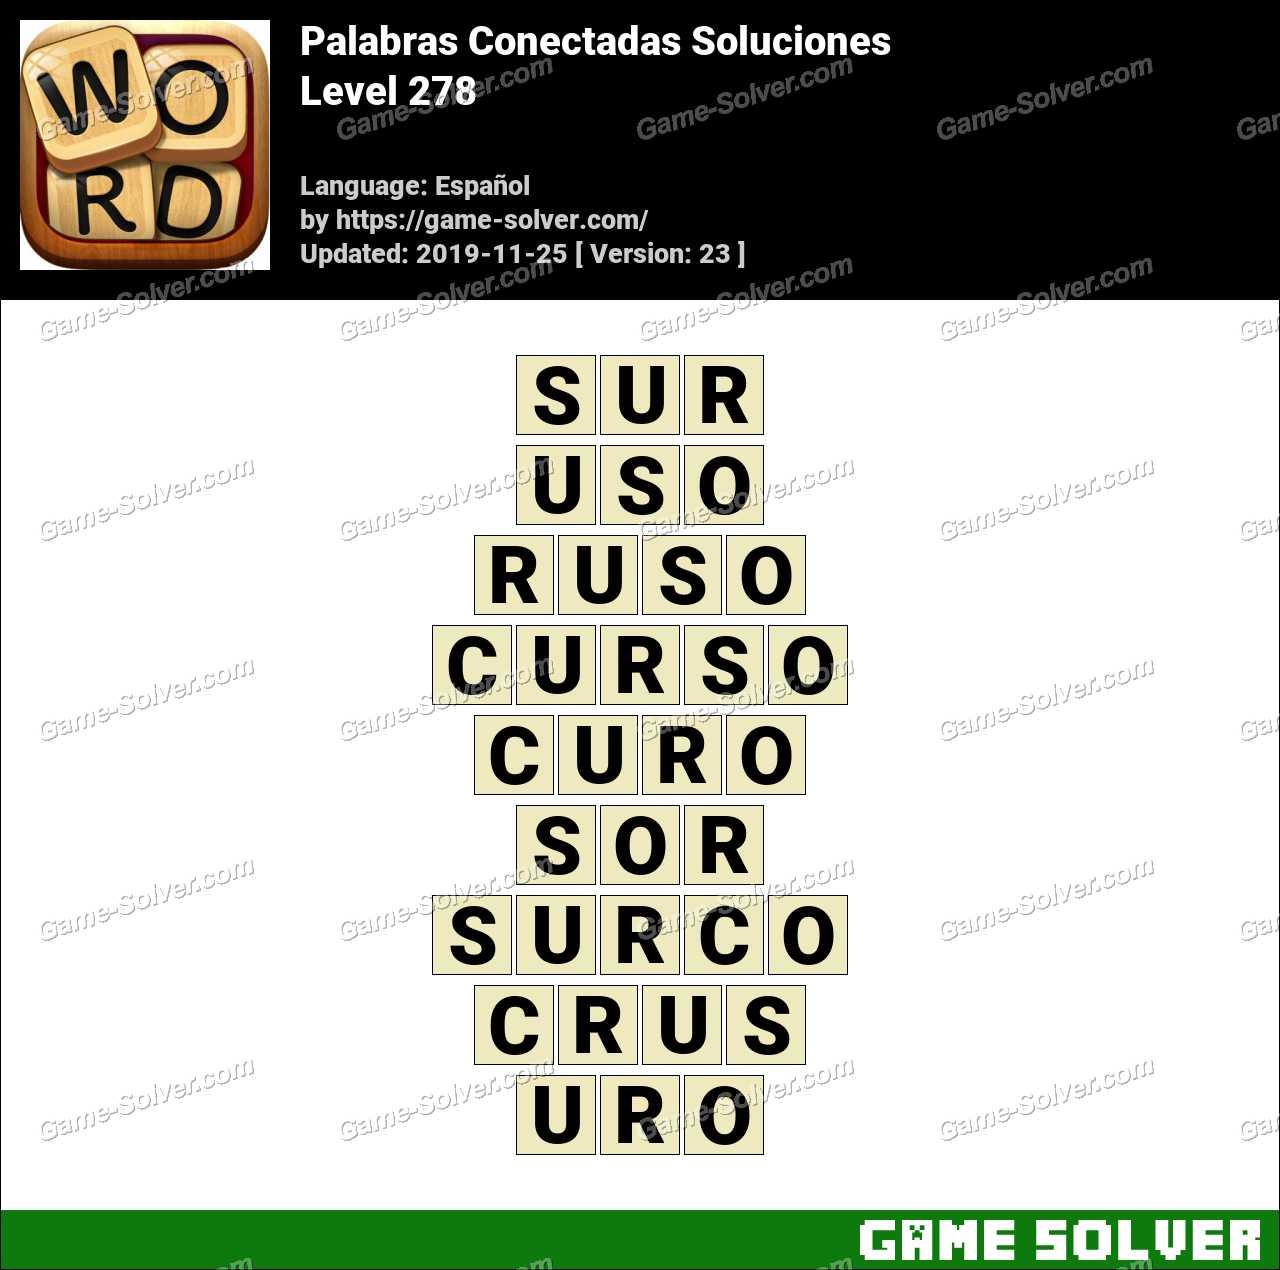 Palabras Conectadas Nivel 278 Soluciones